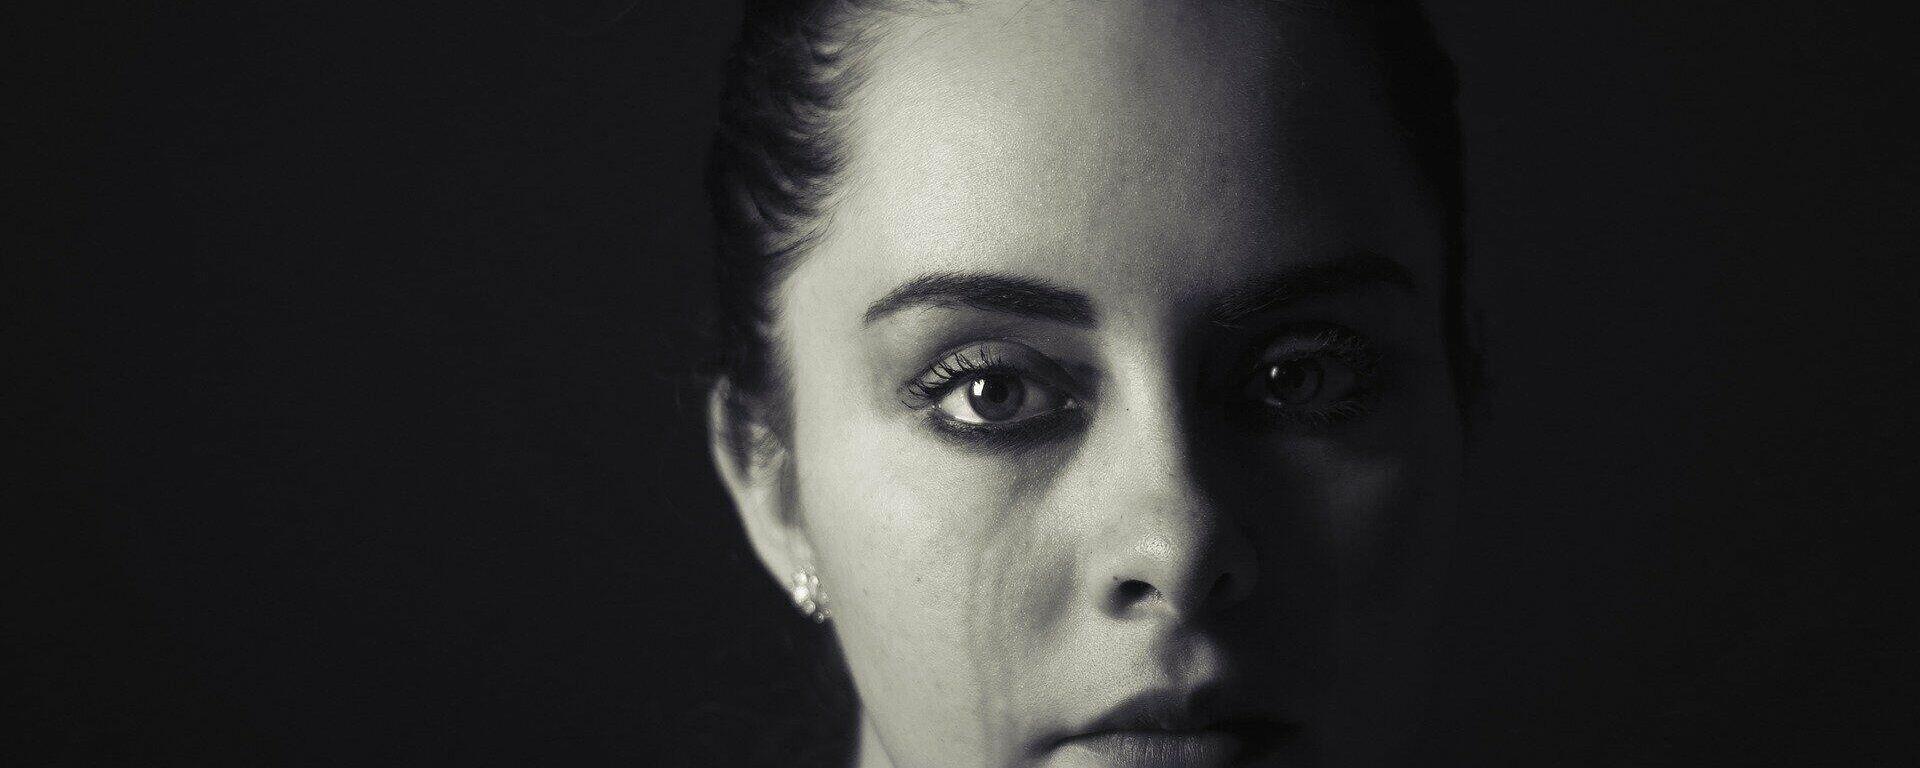 Weinende Frau (Symbolbild) - SNA, 1920, 09.10.2021